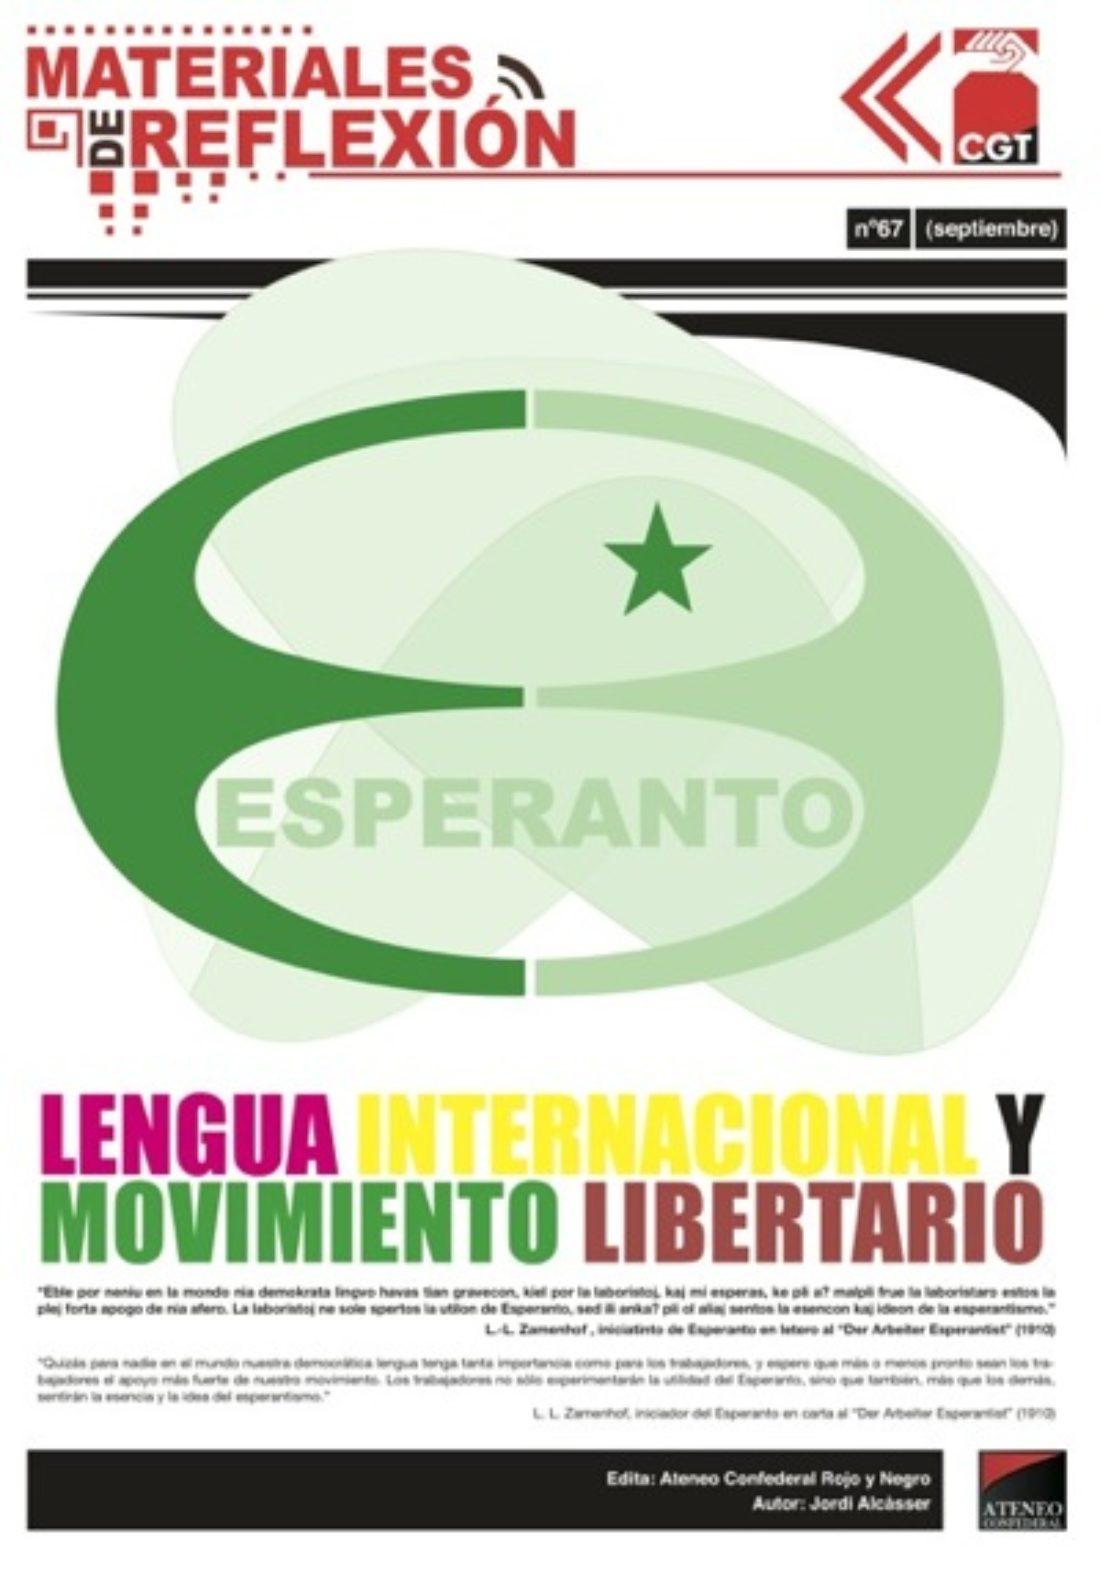 Materiales de Reflexión 67: Esperanto, Lengua Internacional y Movimiento Libertario